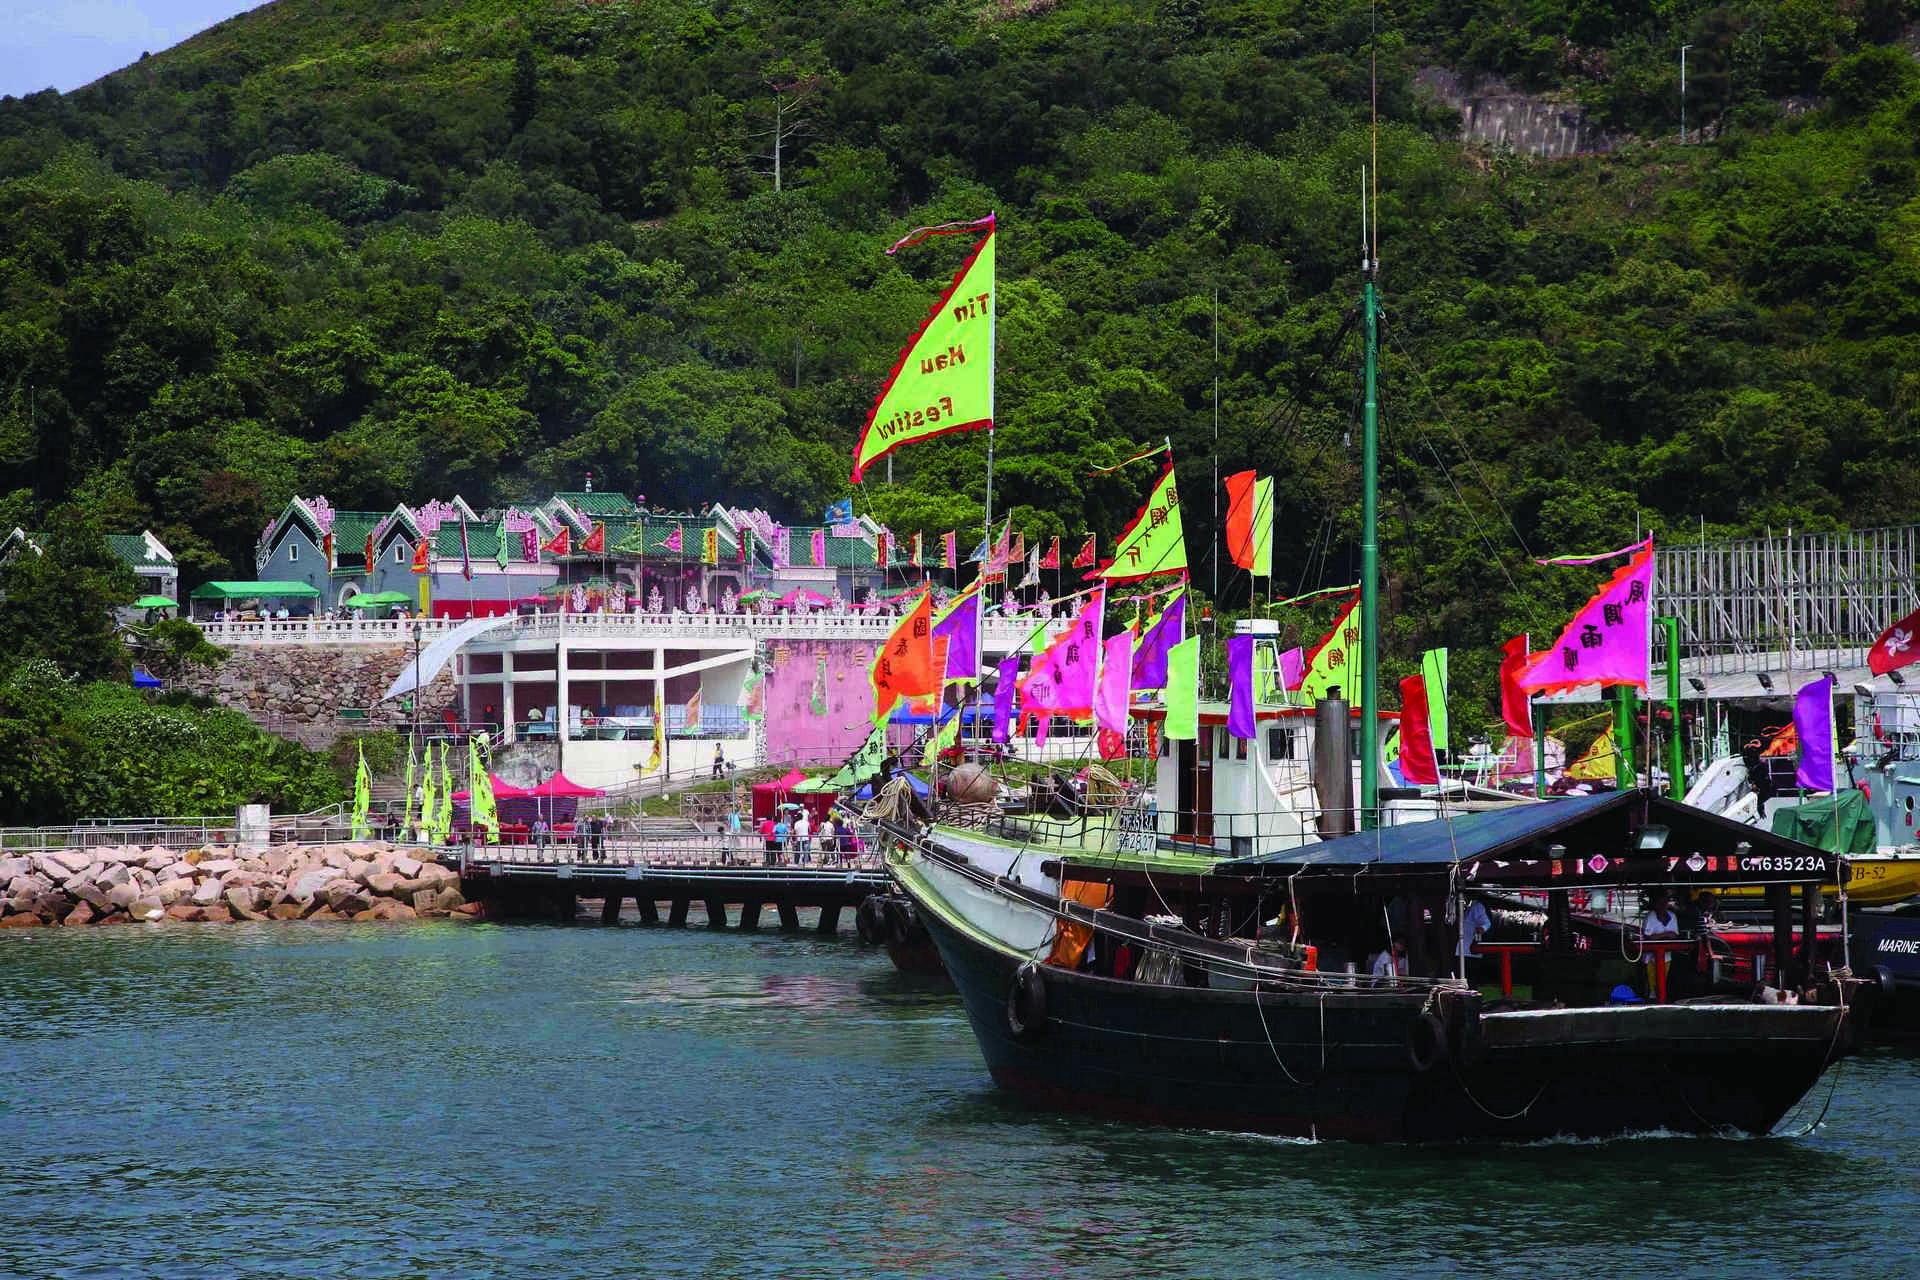 大廟是香港三百餘座天后廟中最古老的一間,天后誕當天參拜善信達三四萬人。